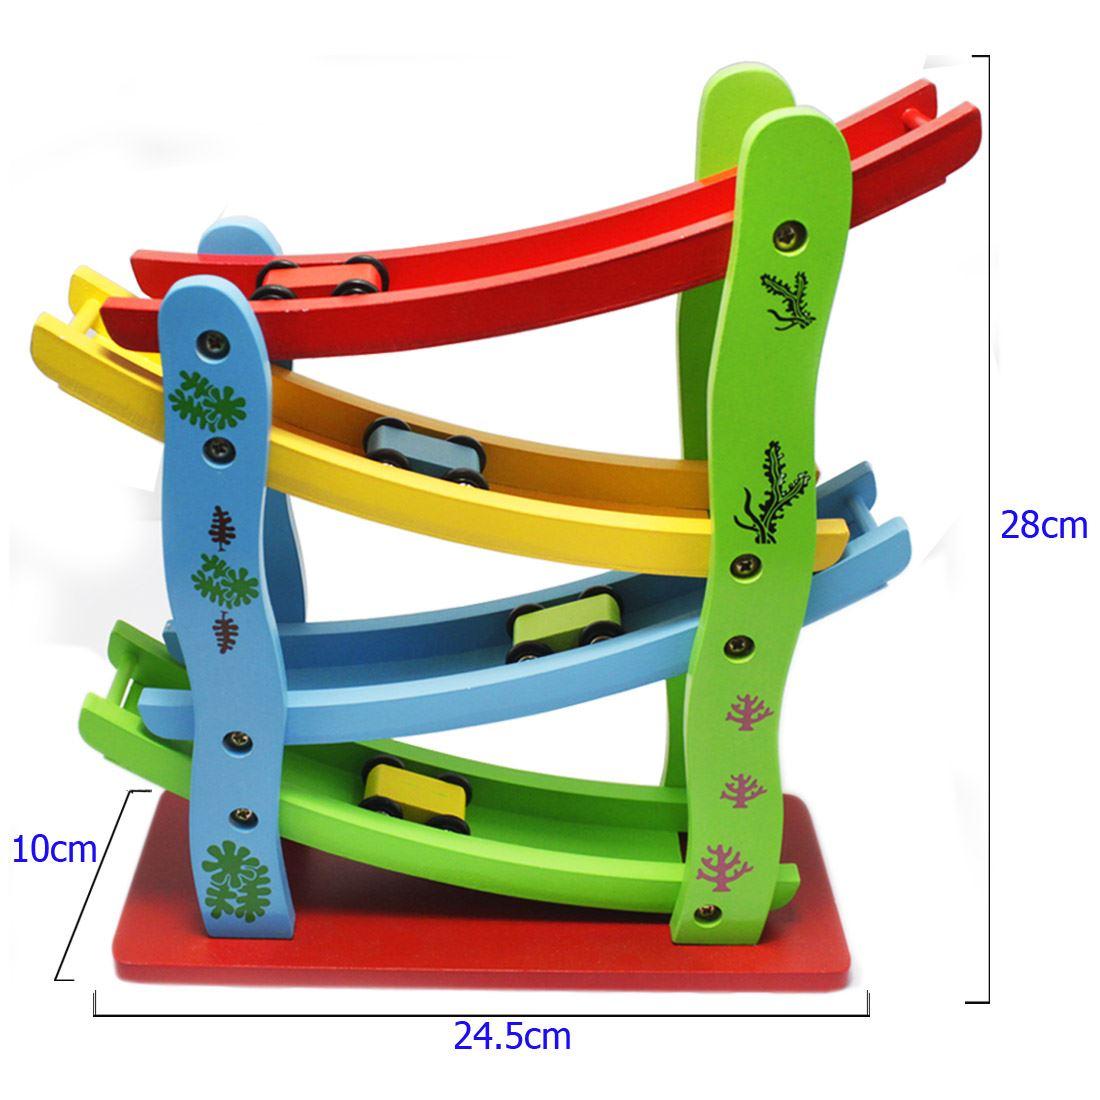 coches de carreras pista de carreras carreras velocidad juguete de madera ebay. Black Bedroom Furniture Sets. Home Design Ideas